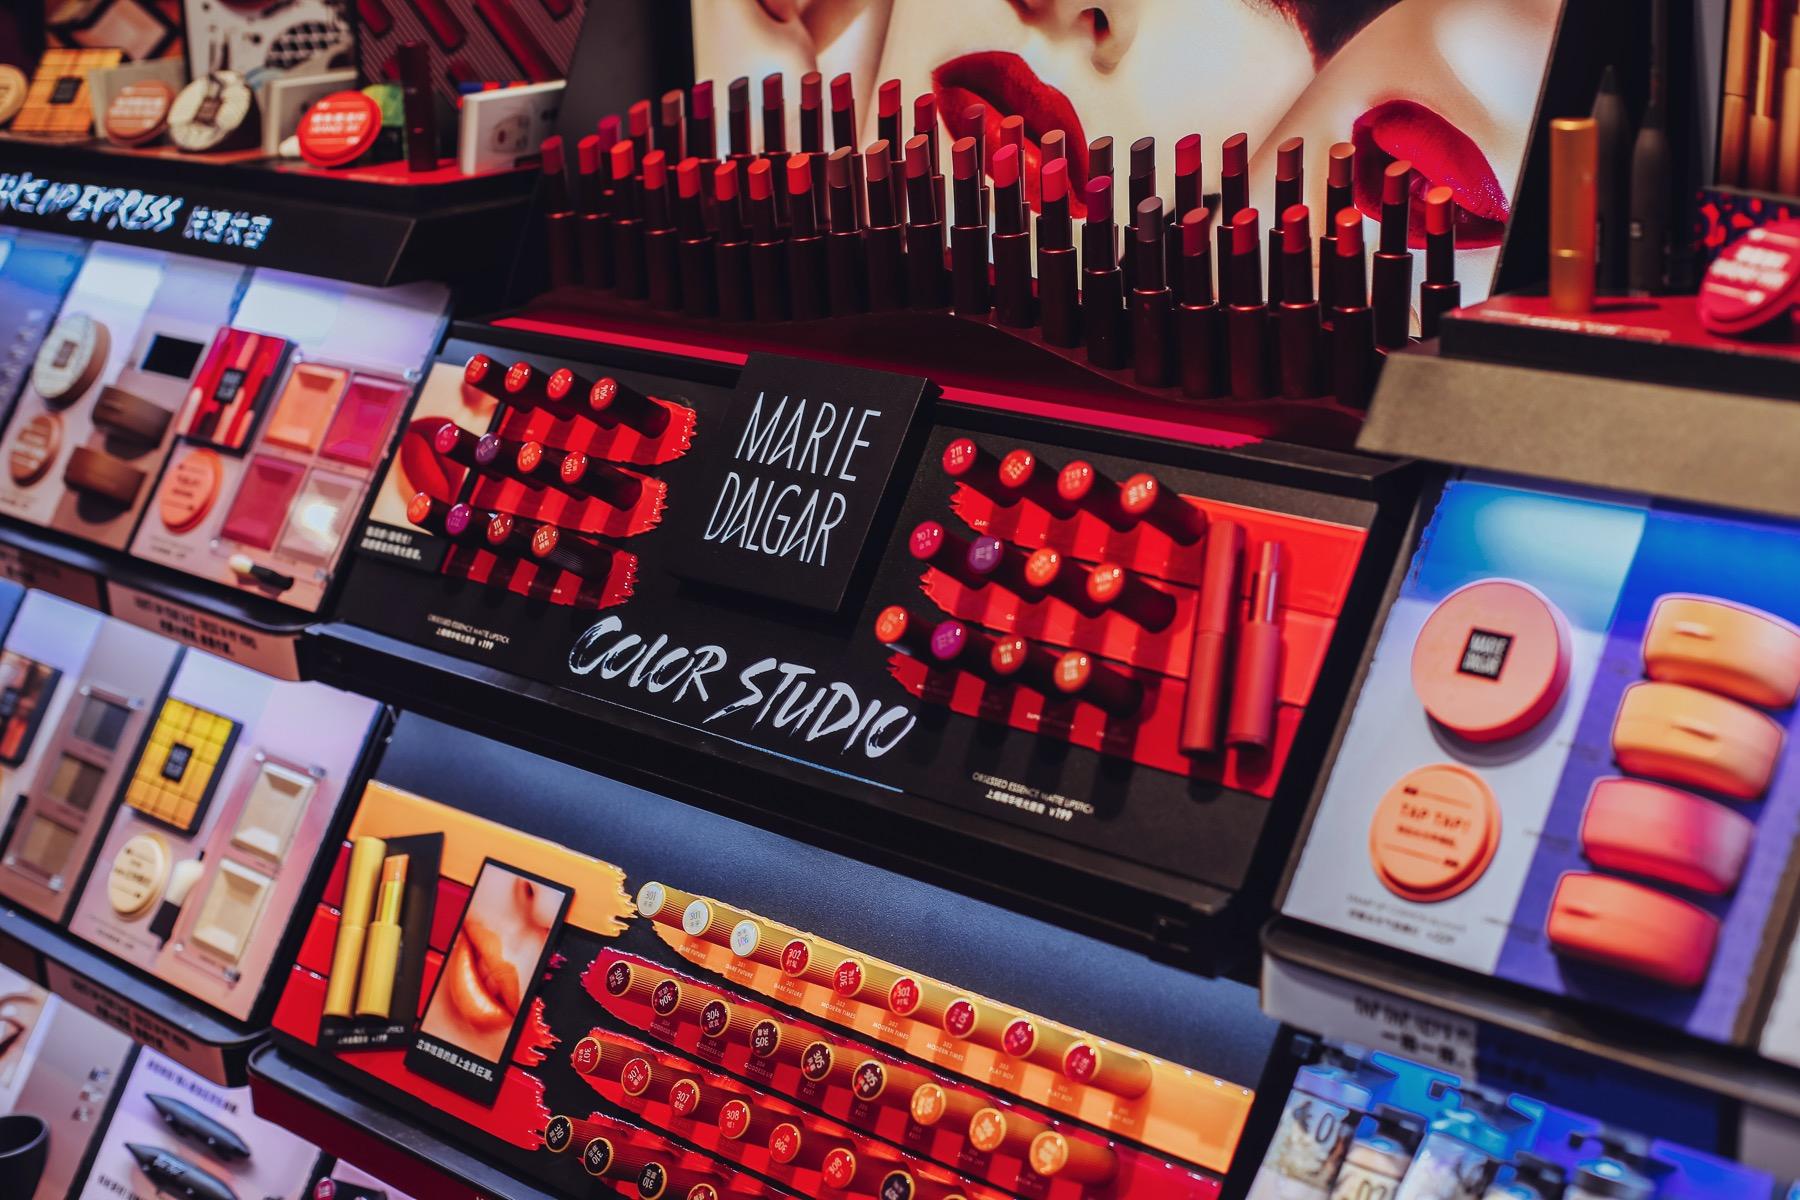 吸引化妆品企业的上海东方美谷在哪?奉贤干部的回答玄妙哲理